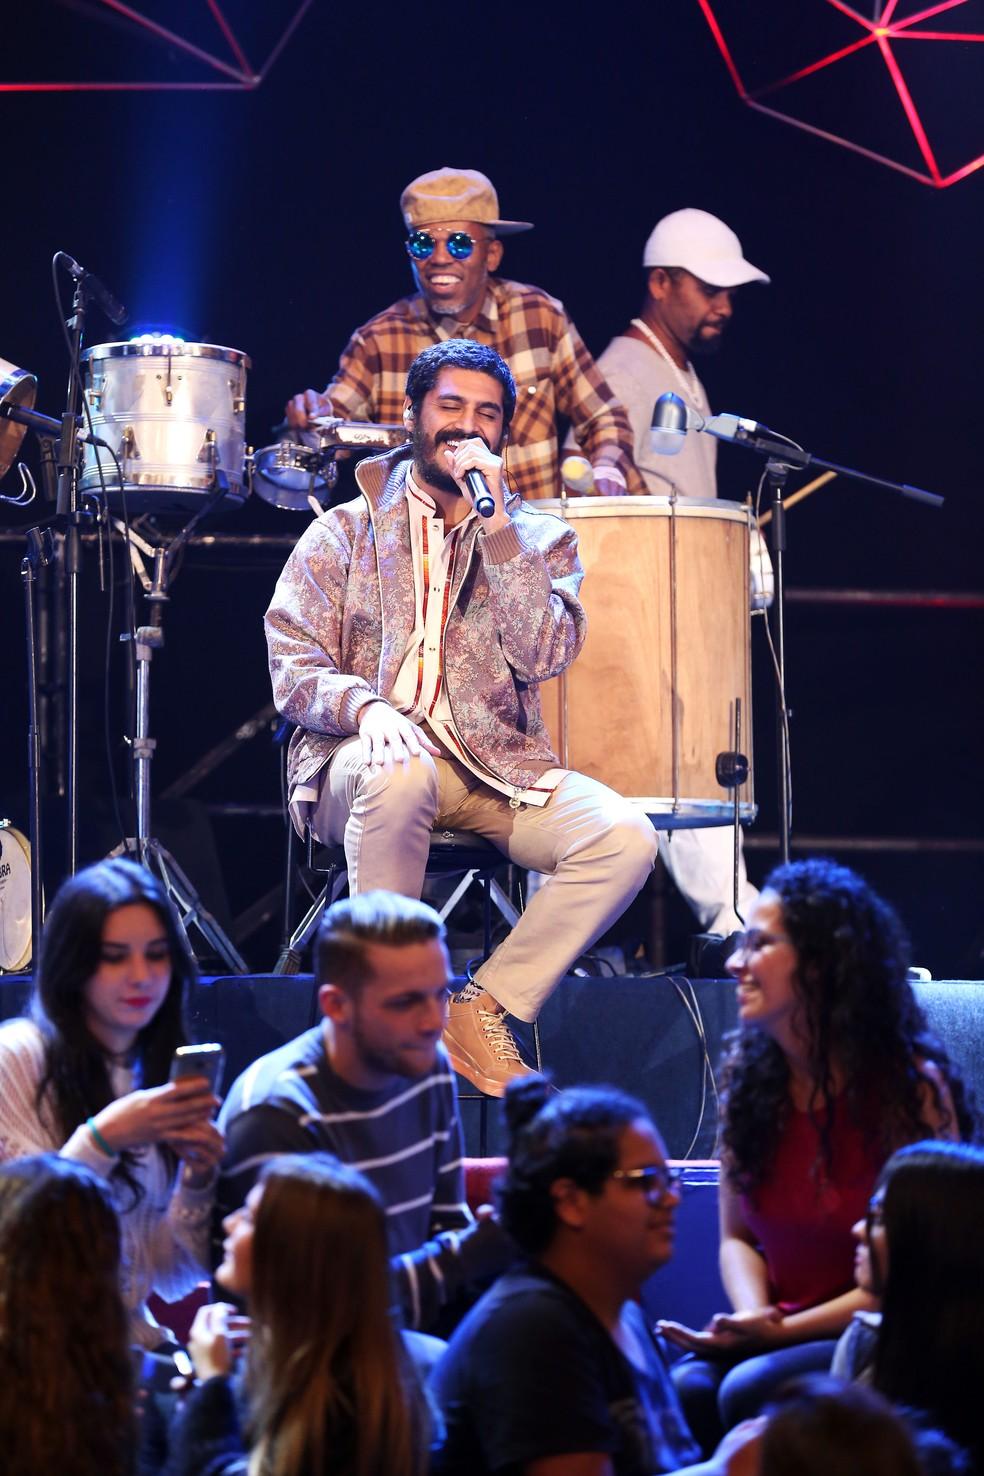 O cantor soltou a voz e apresentou músicas de seu novo álbum (Foto: Rodrigo Peixoto/Gshow)